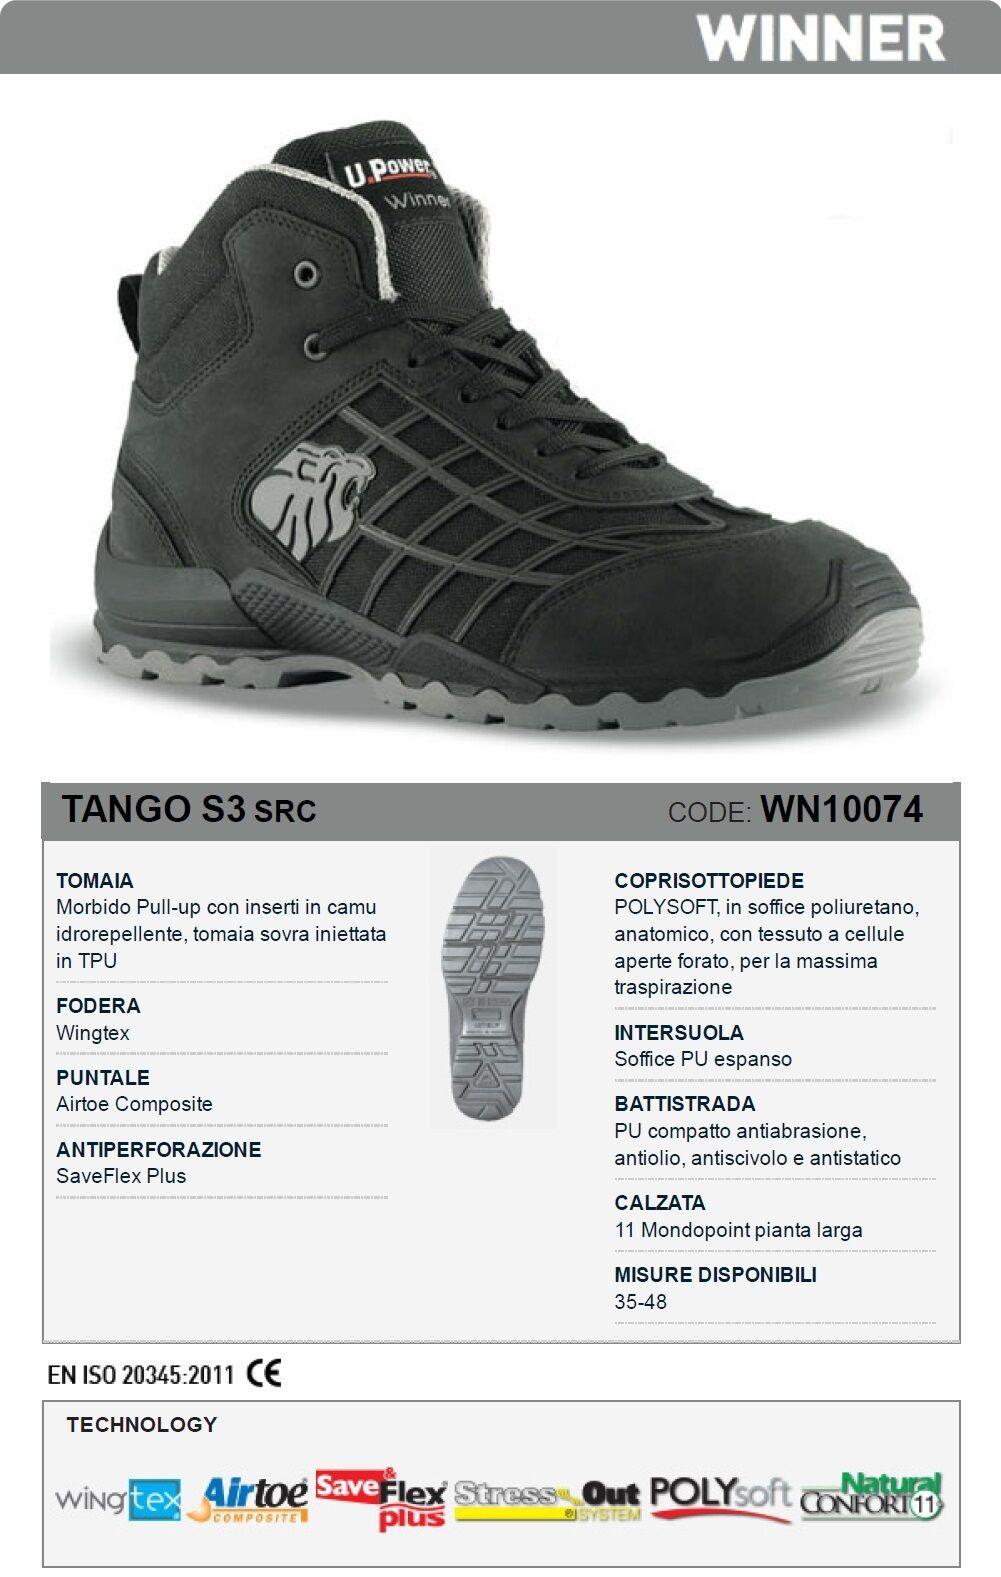 Chaussure de sécurité U Power Tango S3 SRC